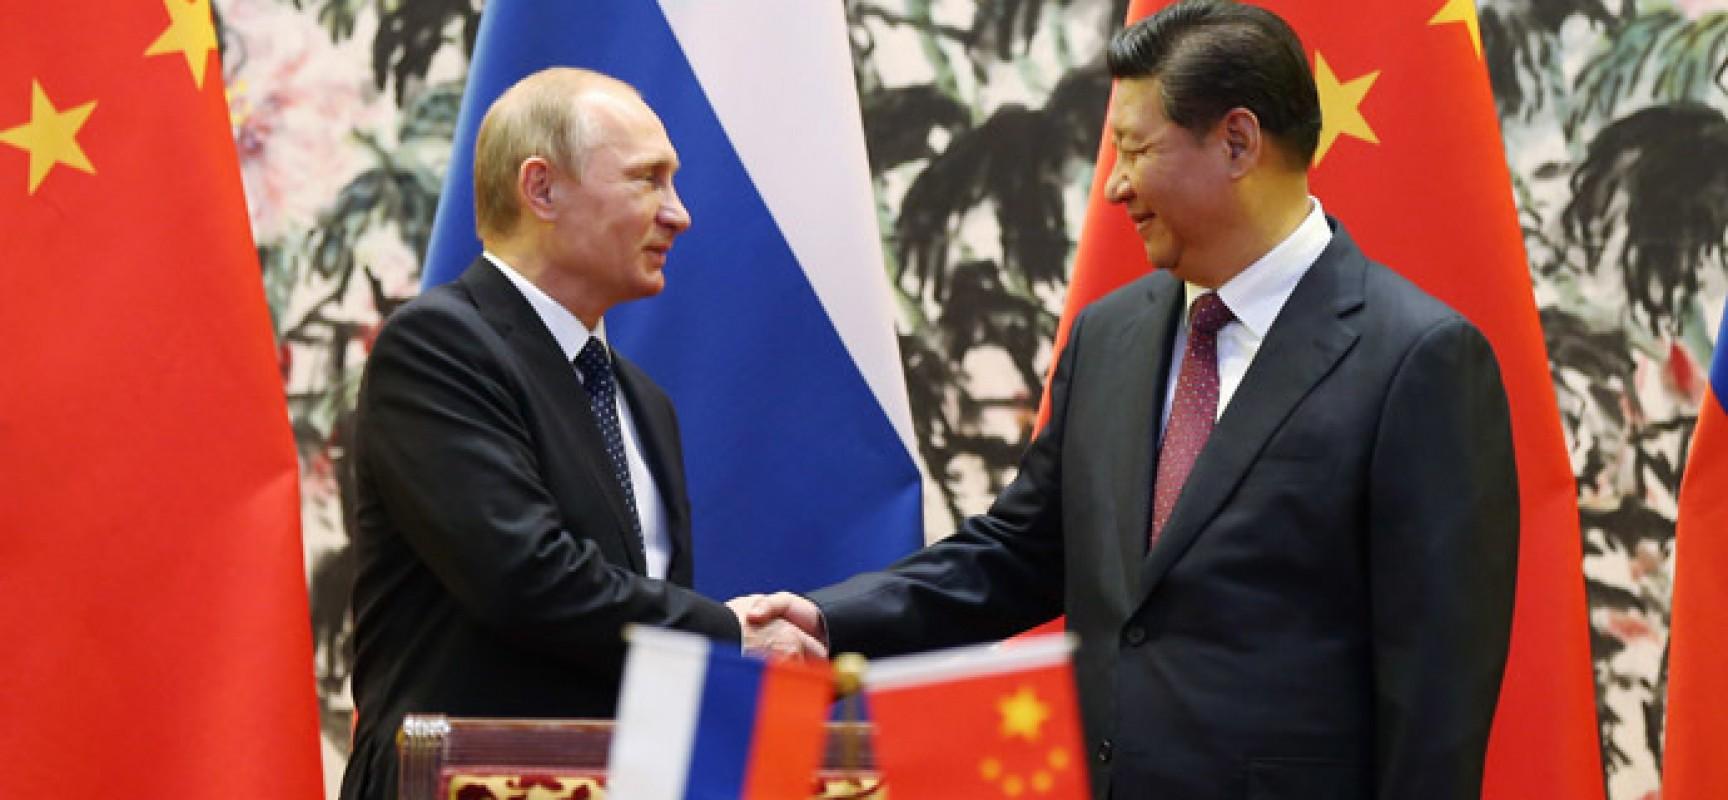 La Chine s'engage à aider la Russie à surmonter ses difficultés économiques